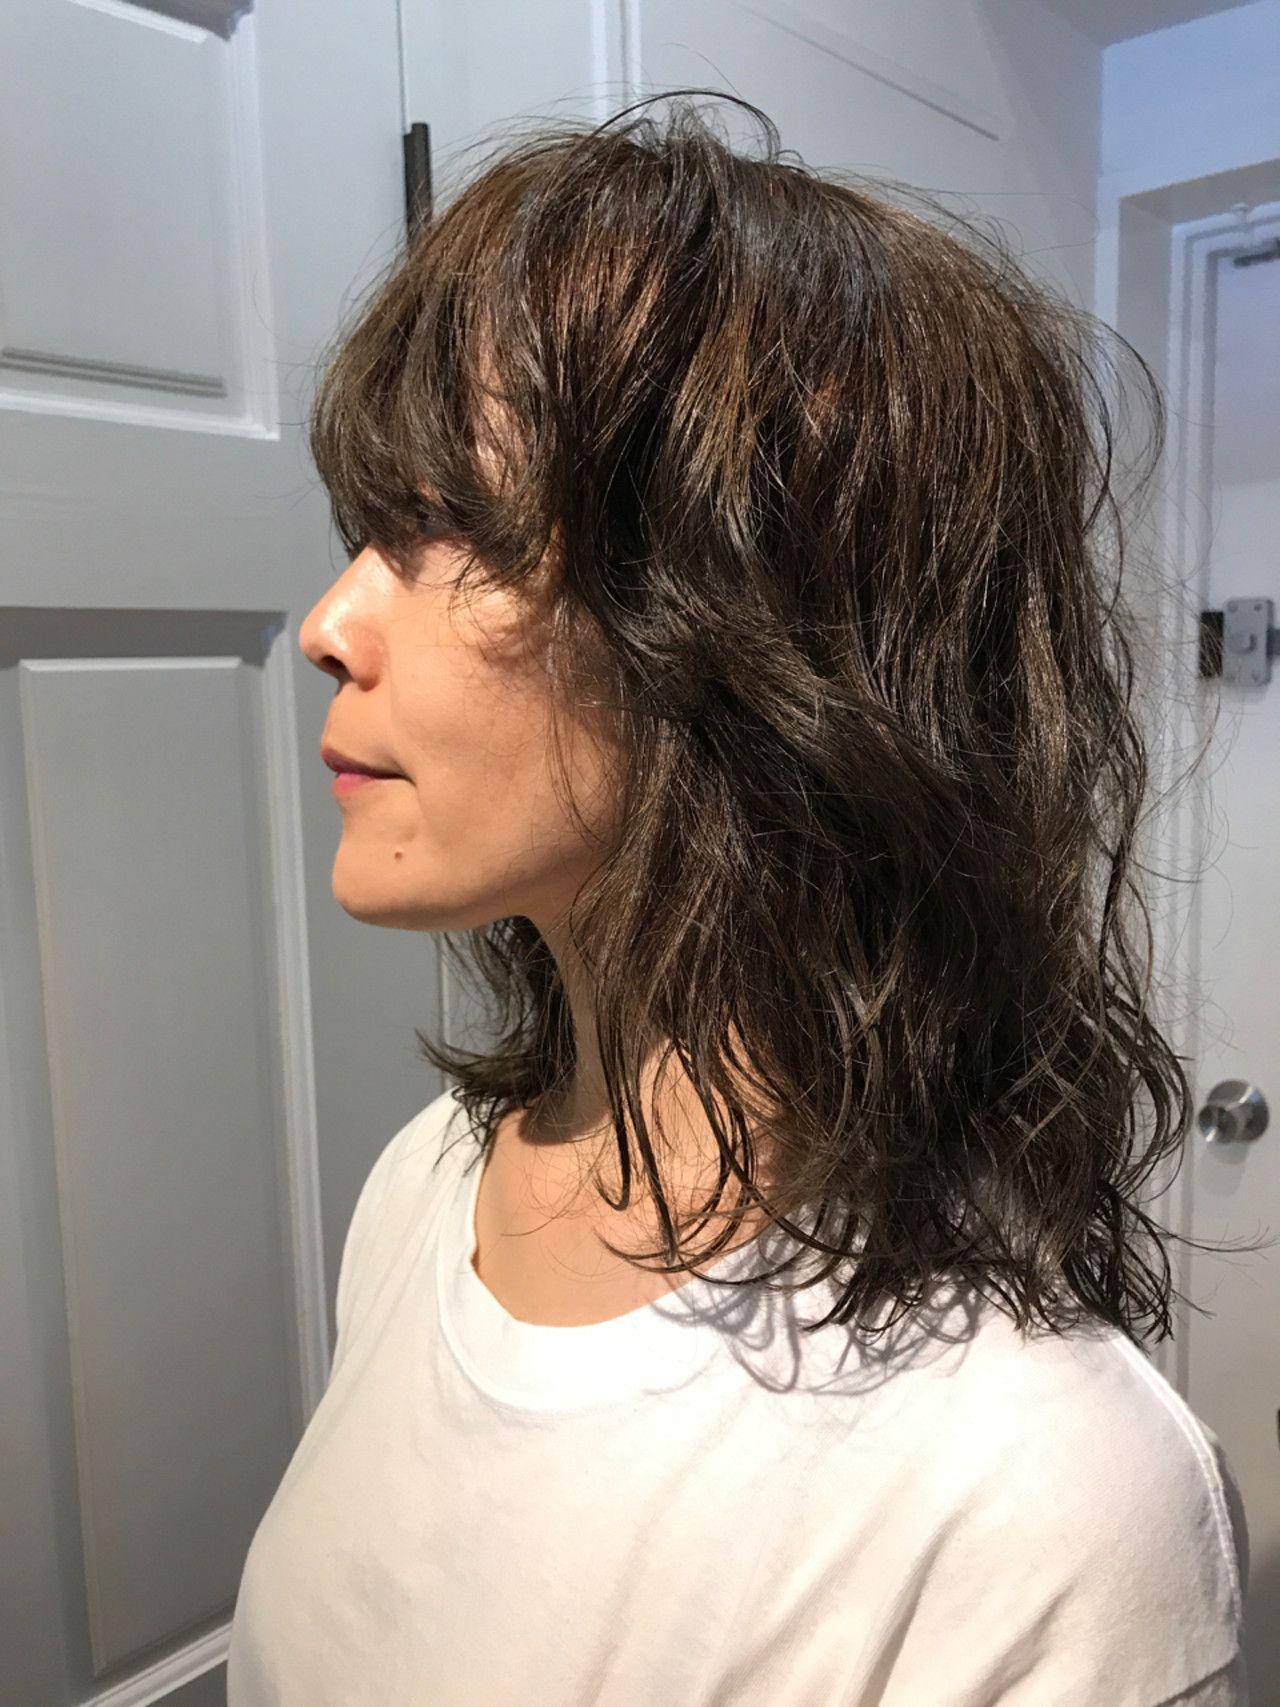 ミディアム マッシュ 外国人風 ウルフカット Homie Tokyo Yukina Homie Tokyo 313779 Hair ウェービーヘア レイヤーカットヘア 髪型